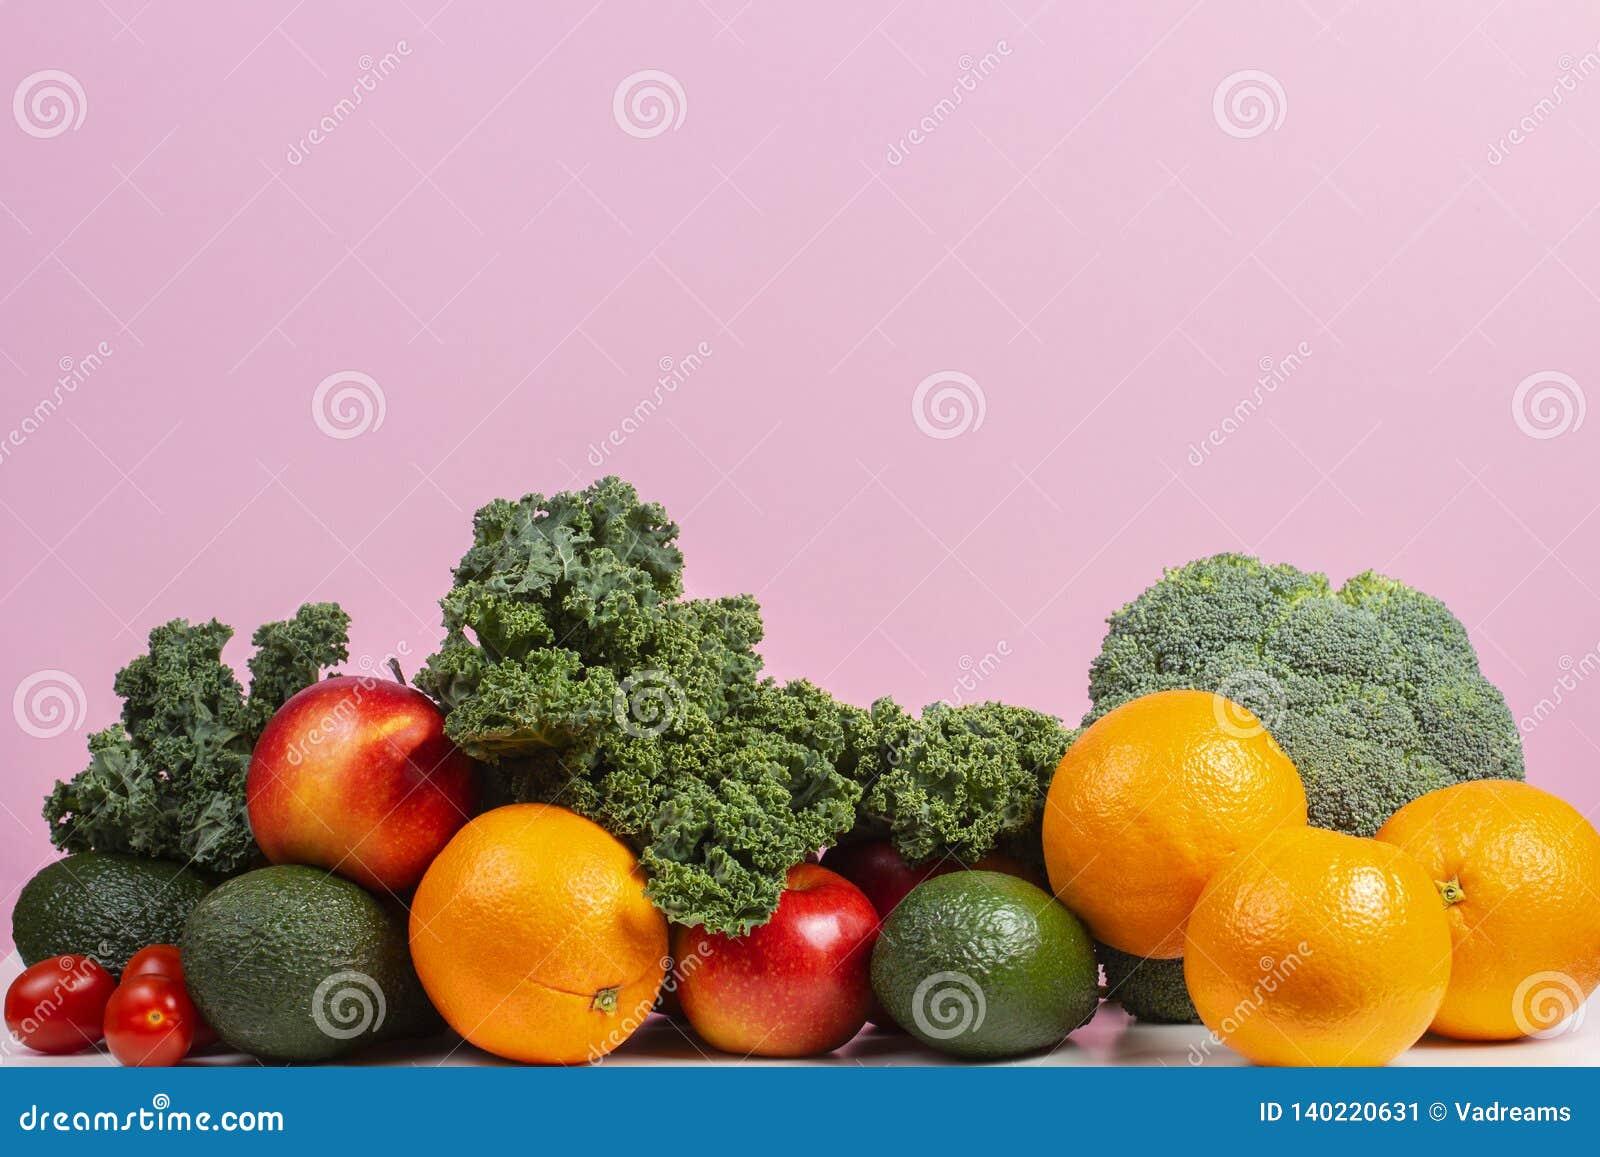 Φρέσκα ακατέργαστα λαχανικά και φρούτα Υγιές υπόβαθρο κατανάλωσης με το πορτοκάλι, μήλα, κατσαρό λάχανο, μπρόκολο, πορτοκάλι, ντο